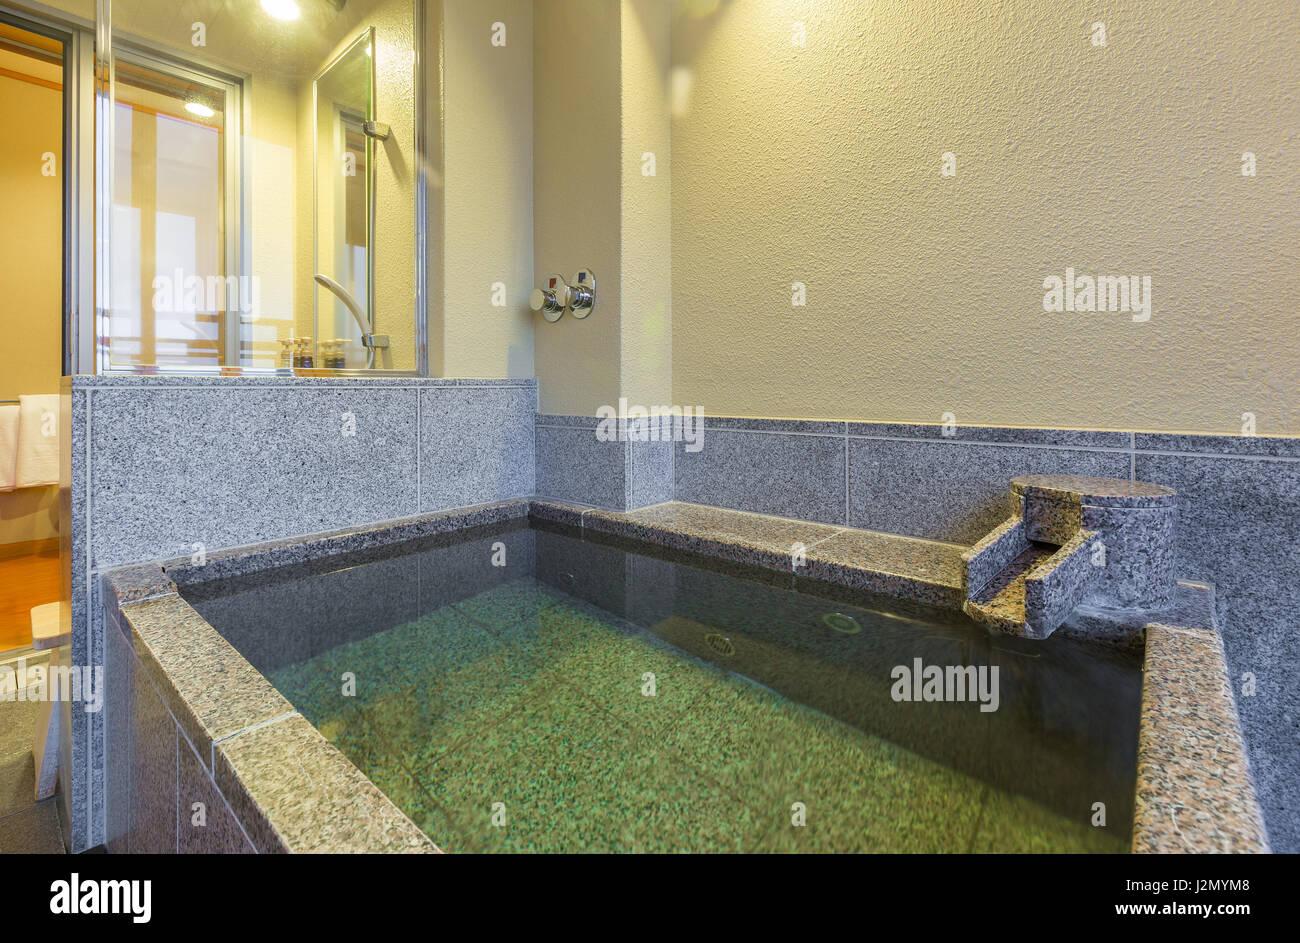 Vasca Da Bagno Espanol : Onsen privato vasca da bagno in stile giapponese vasca da bagno